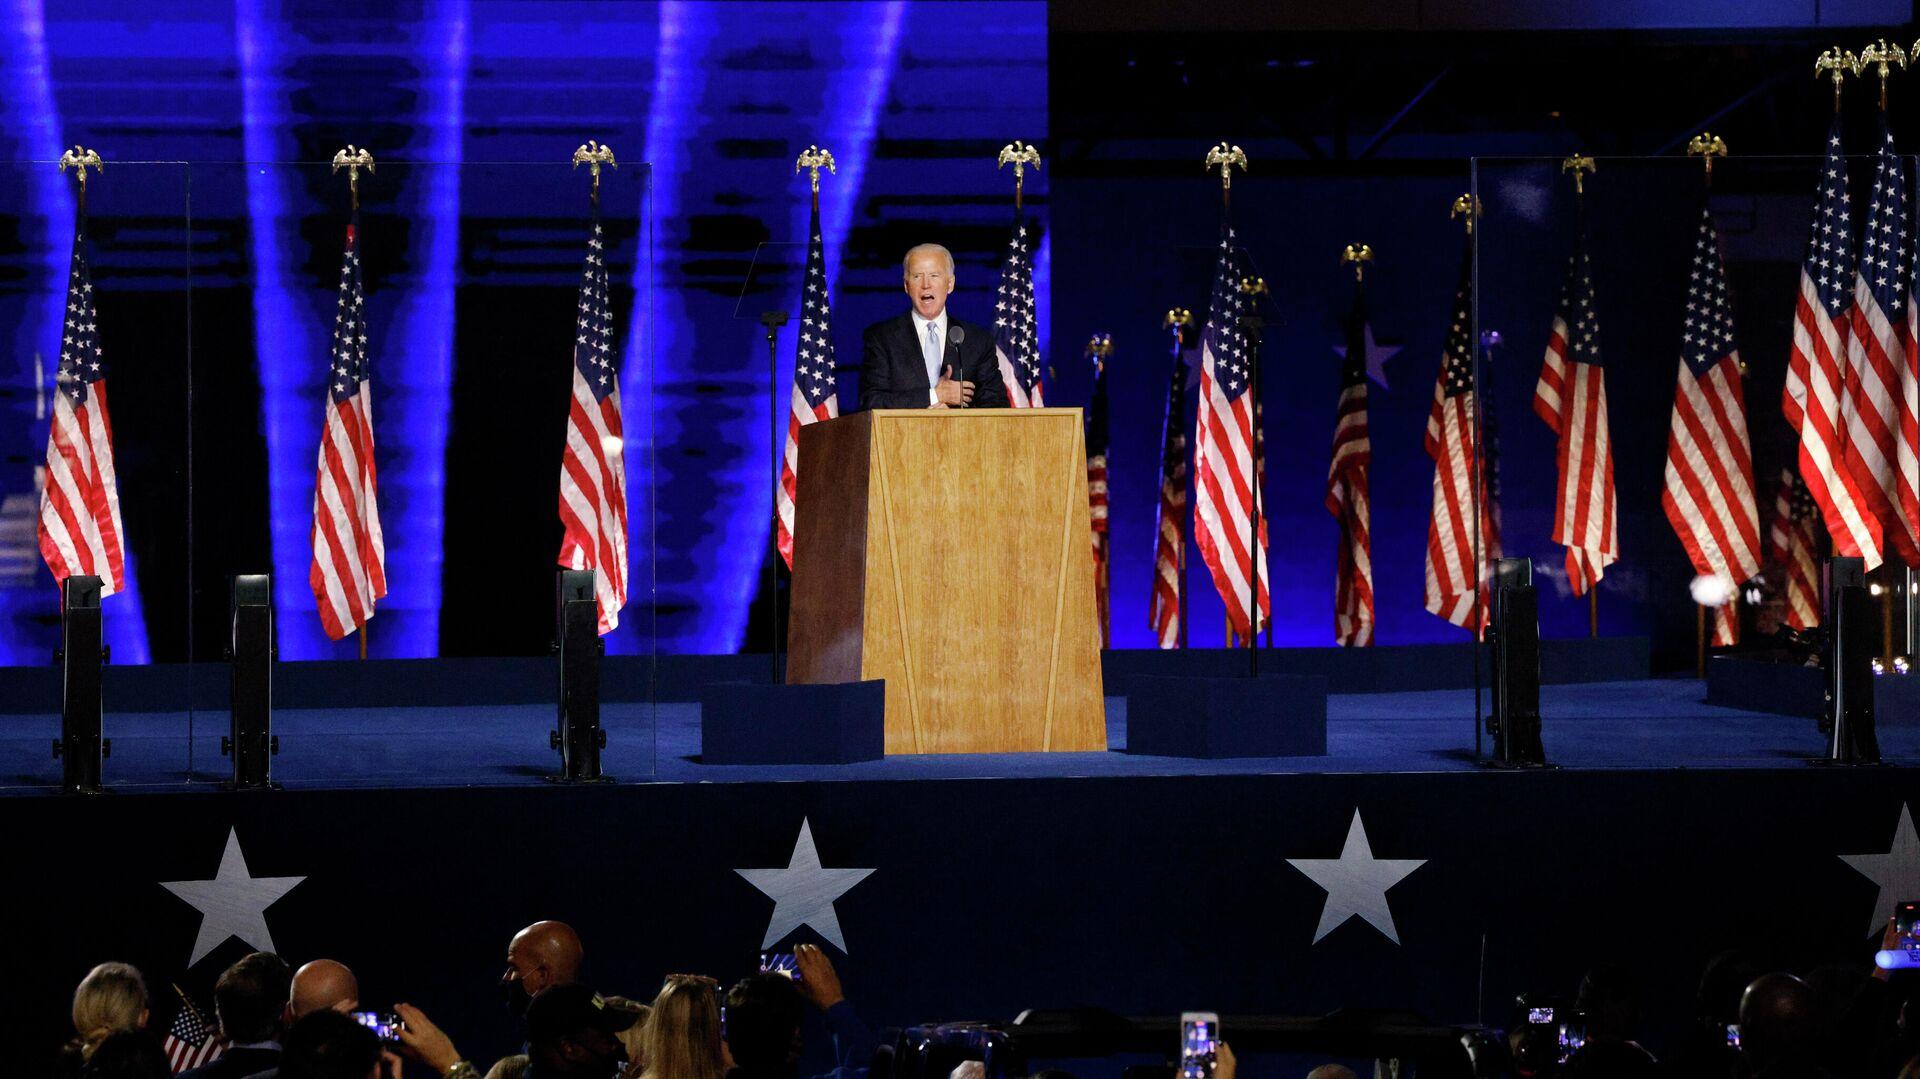 Кандидат в президенты США от Демократической партии Джо Байден выступает перед избирателями после того, как СМИ объявили, что Байден победил на выборах в США  - РИА Новости, 1920, 23.11.2020